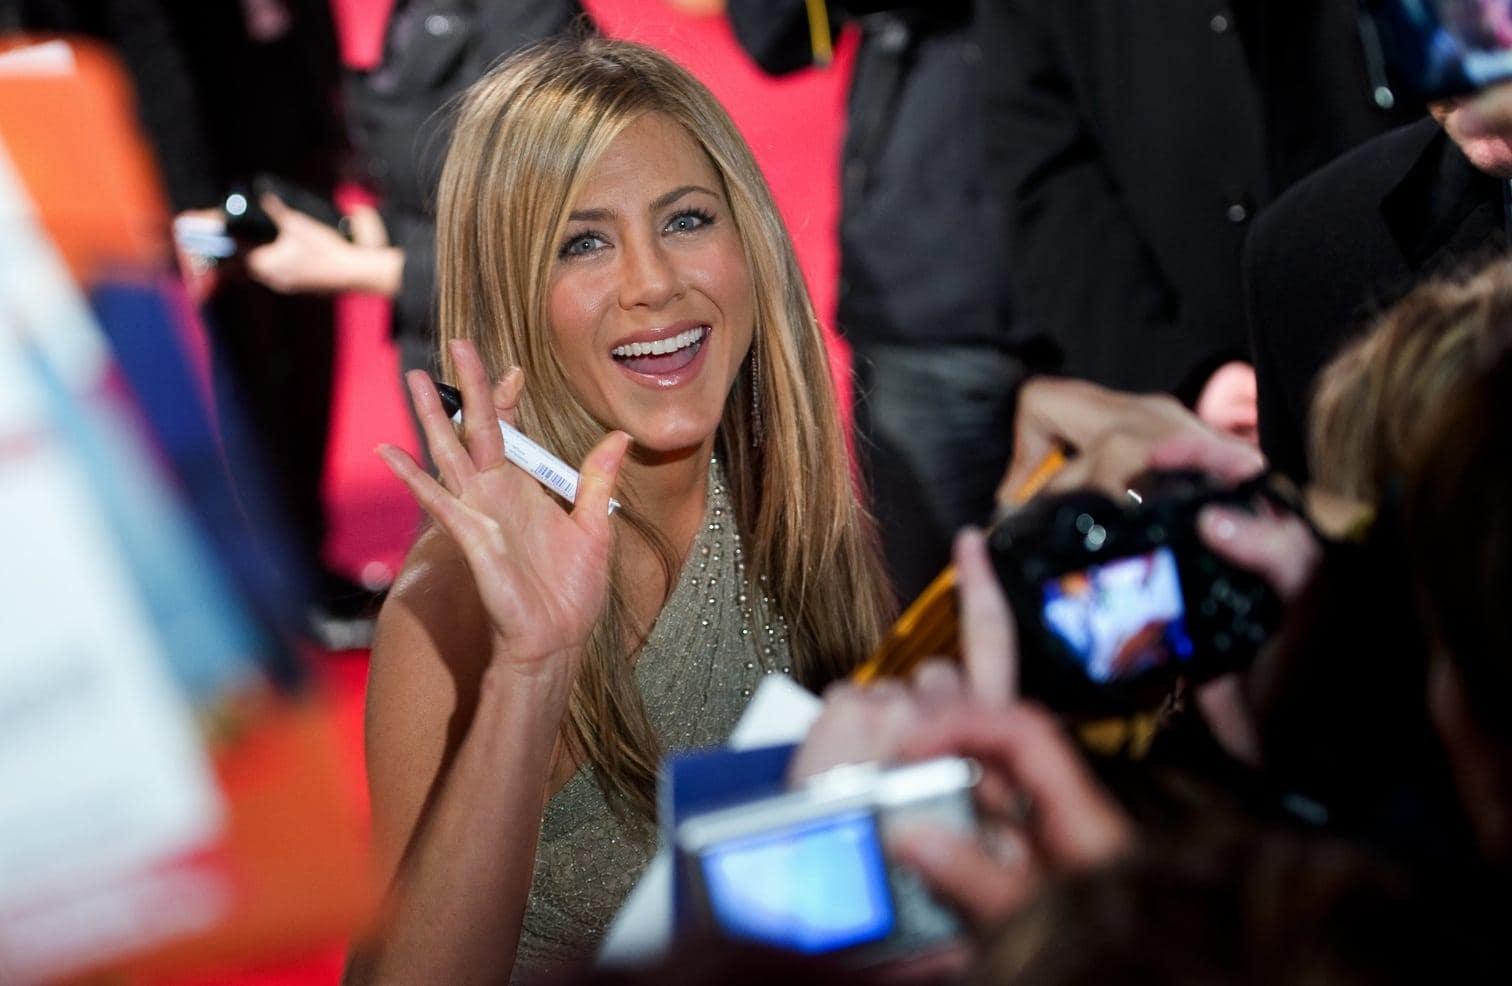 <p>Die dunkelblonde Rachel mauserte sich zur Mode-Ikone - Anistons Frisur wurde als